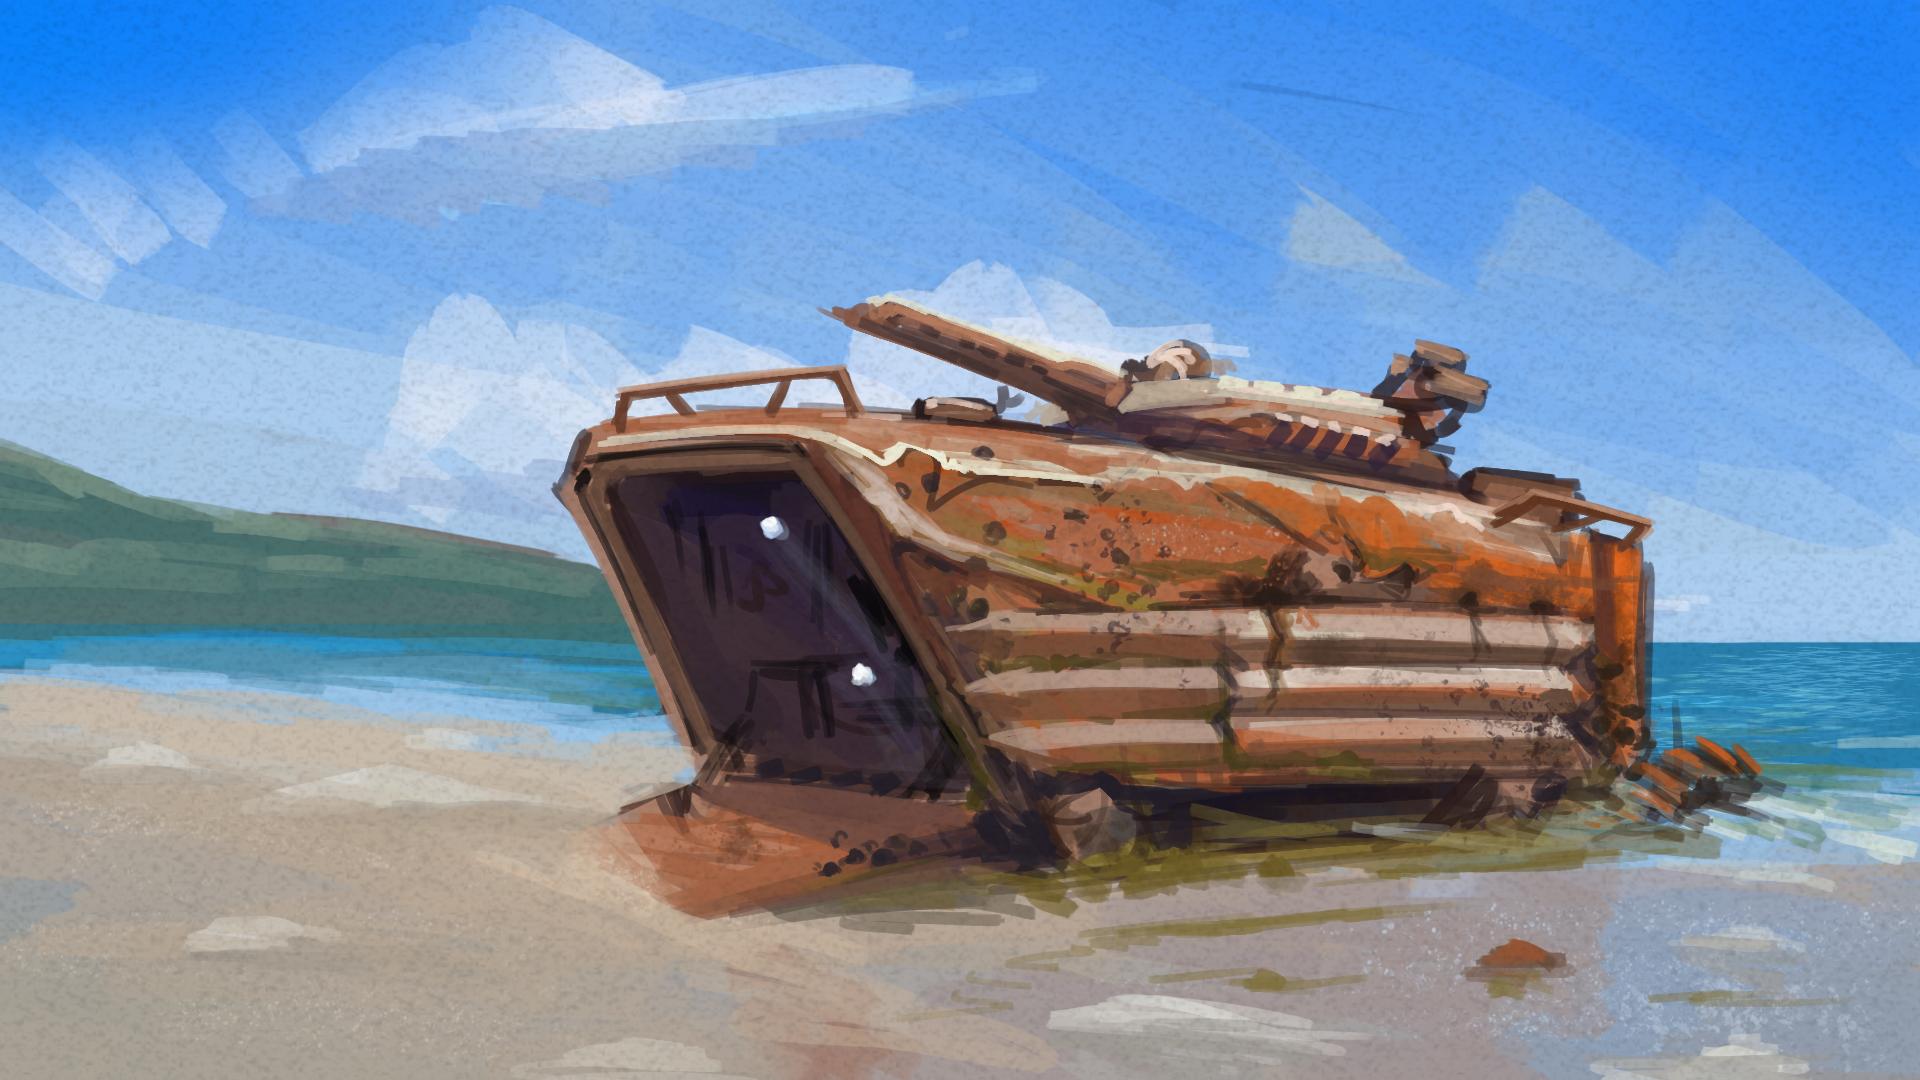 Amphibious + Wreck - 30m